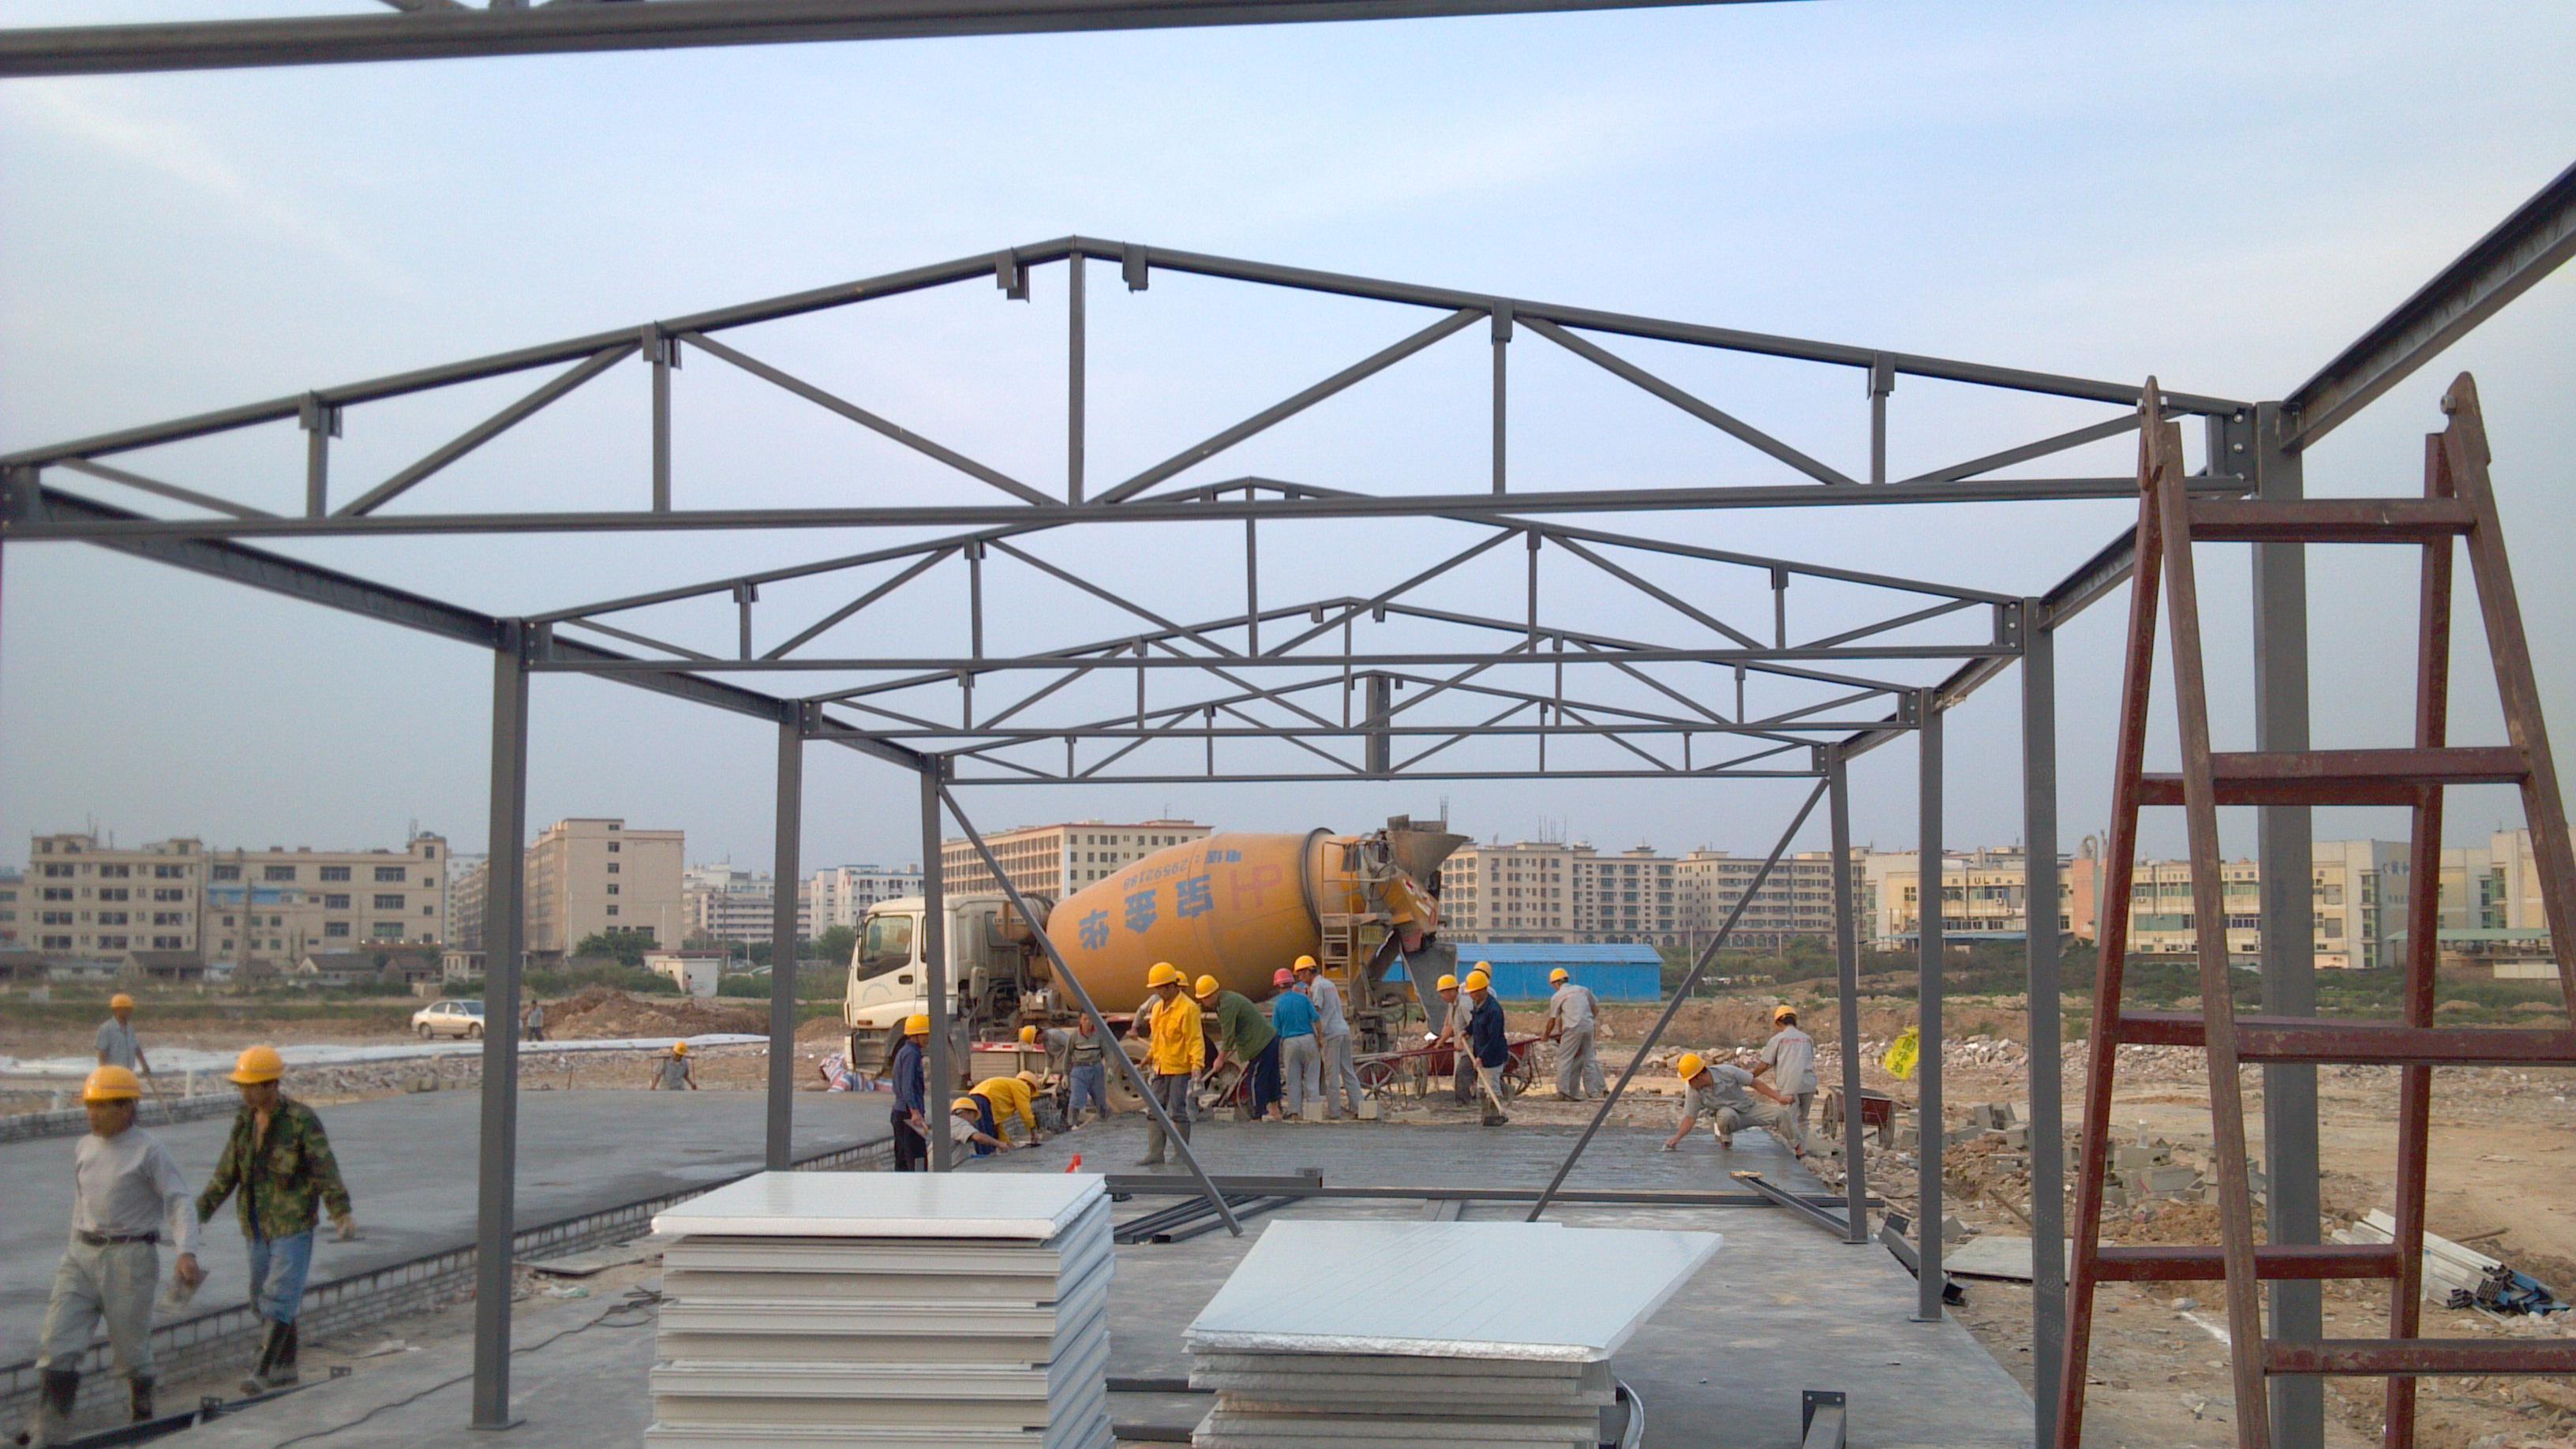 活动板房定义: 活动板房采用轻钢结构形成其骨架系统,以夹芯板为